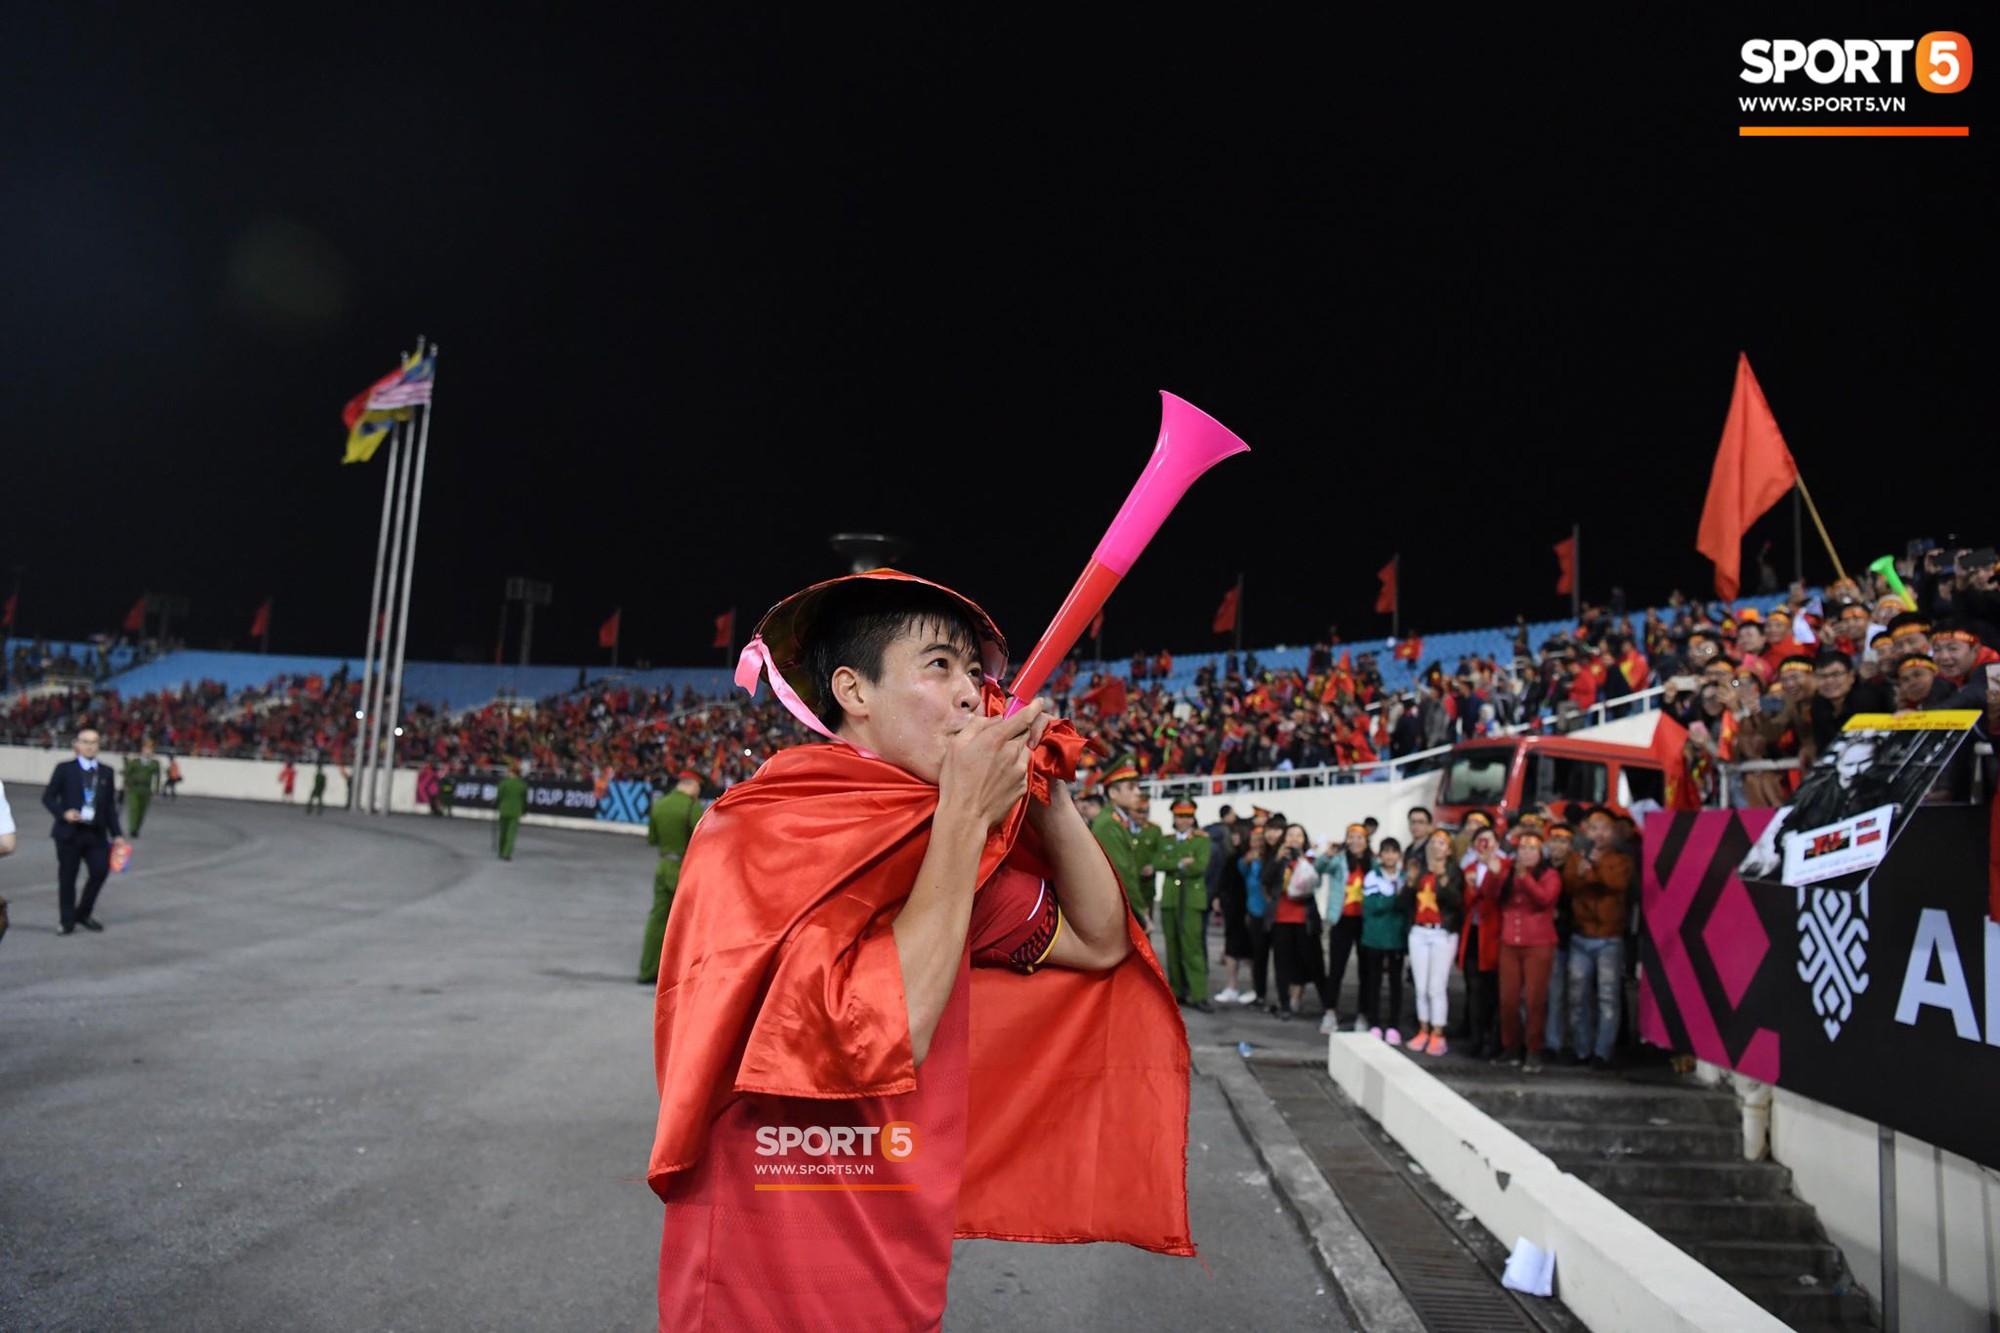 Quang Hải đội tóc giả màu nõn chuối, đi tung tăng khắp sân, xứng đáng là màn ăn mừng cute nhất sau trận chung kết - Ảnh 6.